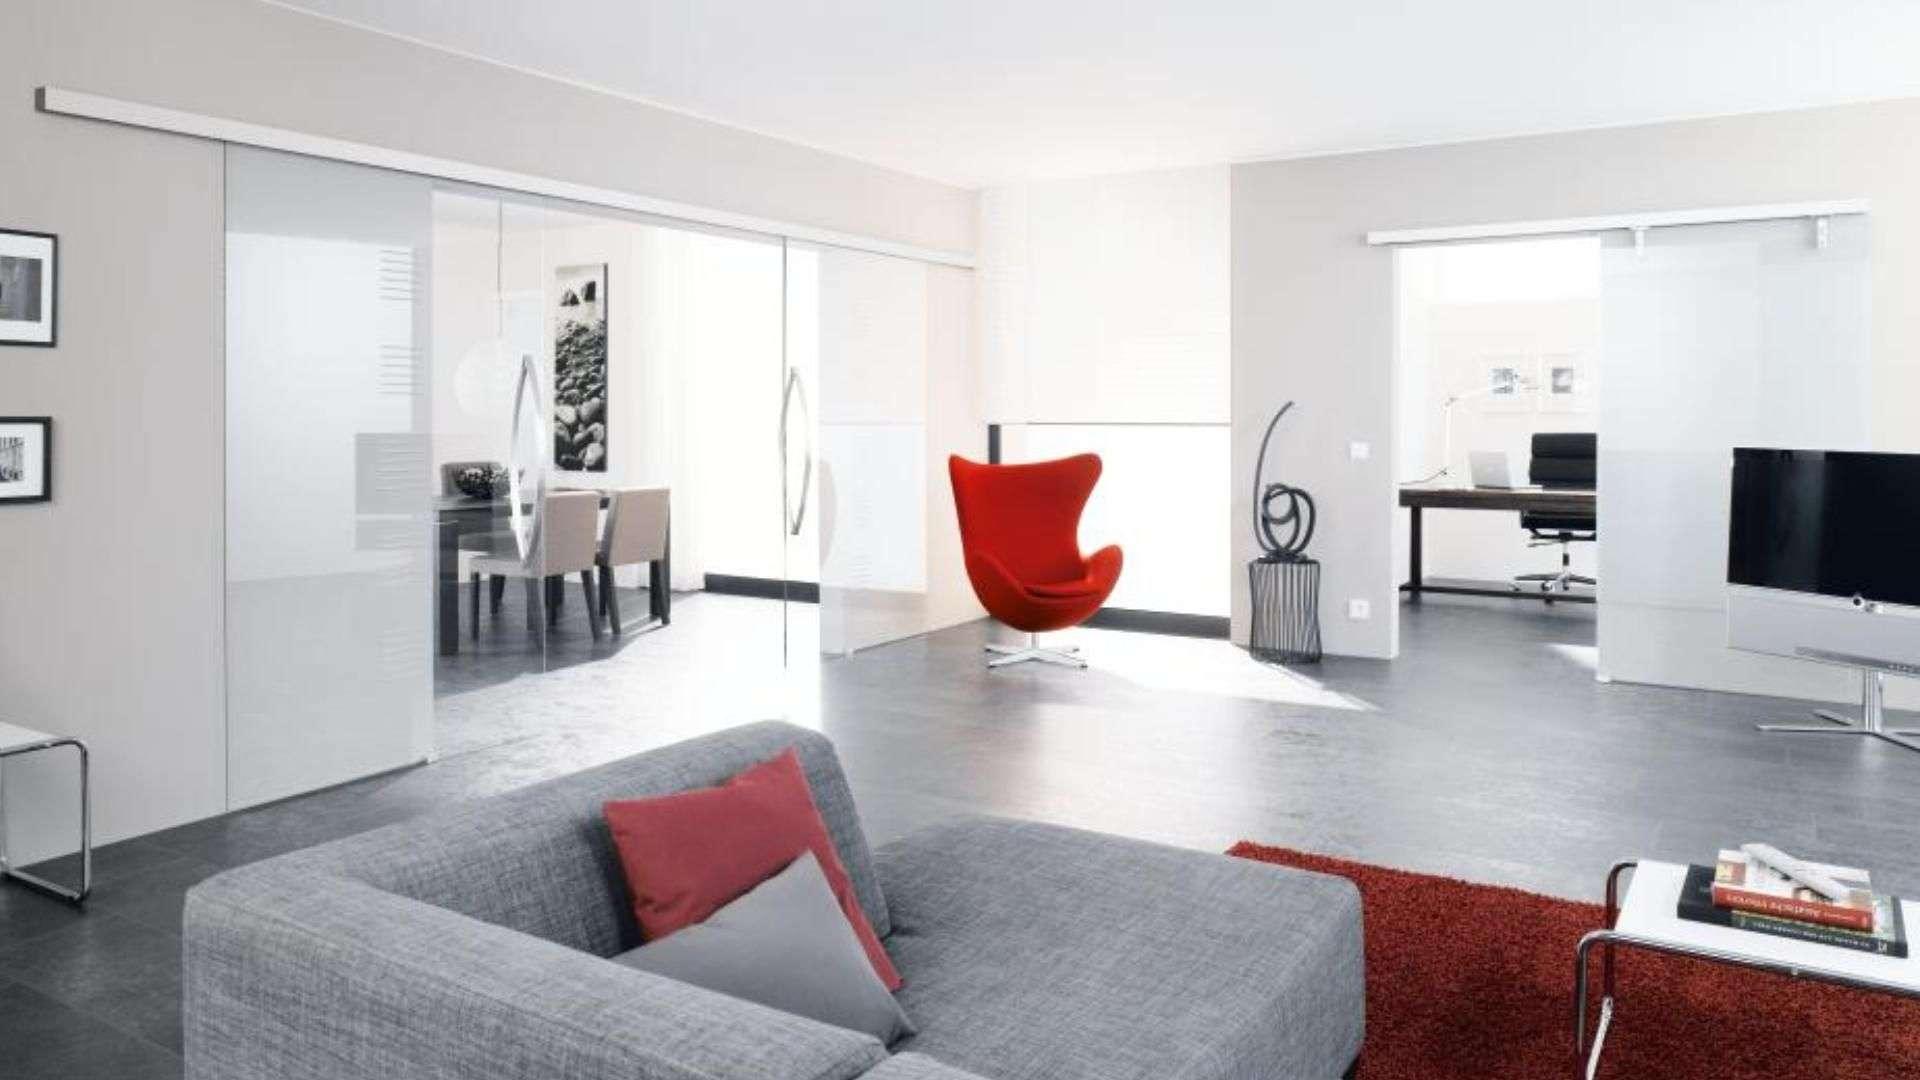 offener Wohnraum mit Glas-Schiebetüren zu den anderen Räumen